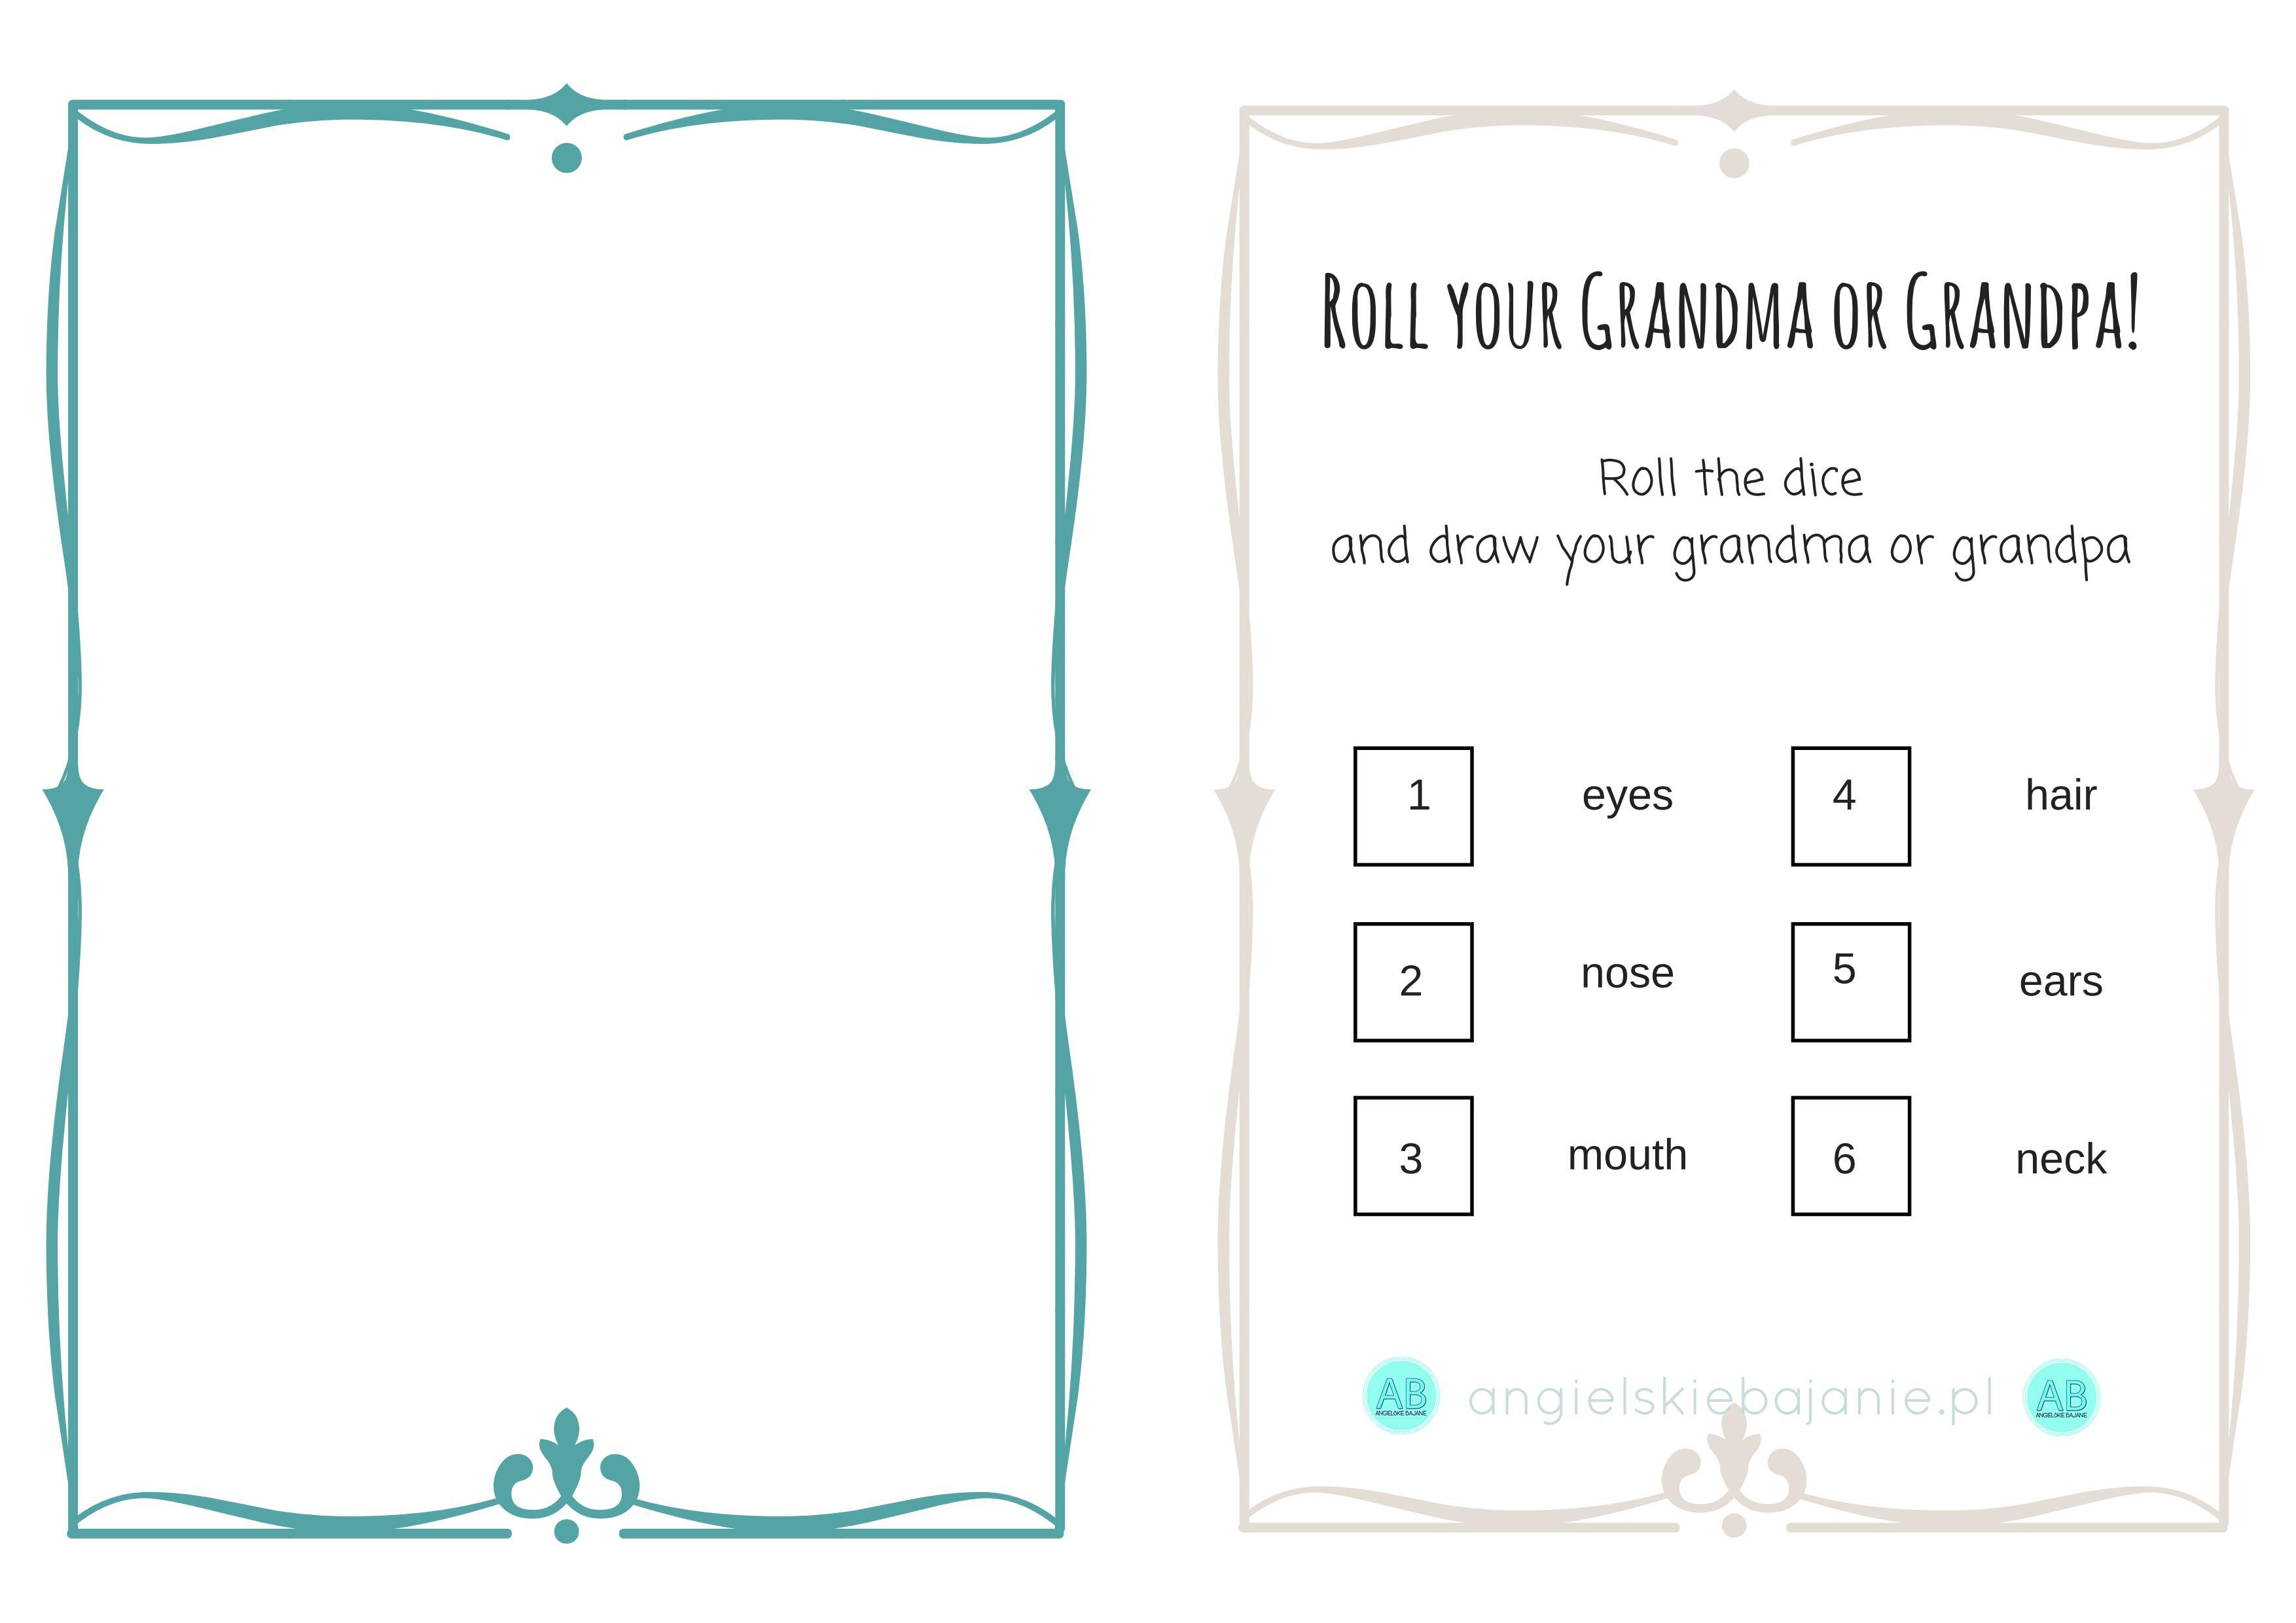 Grandma board game